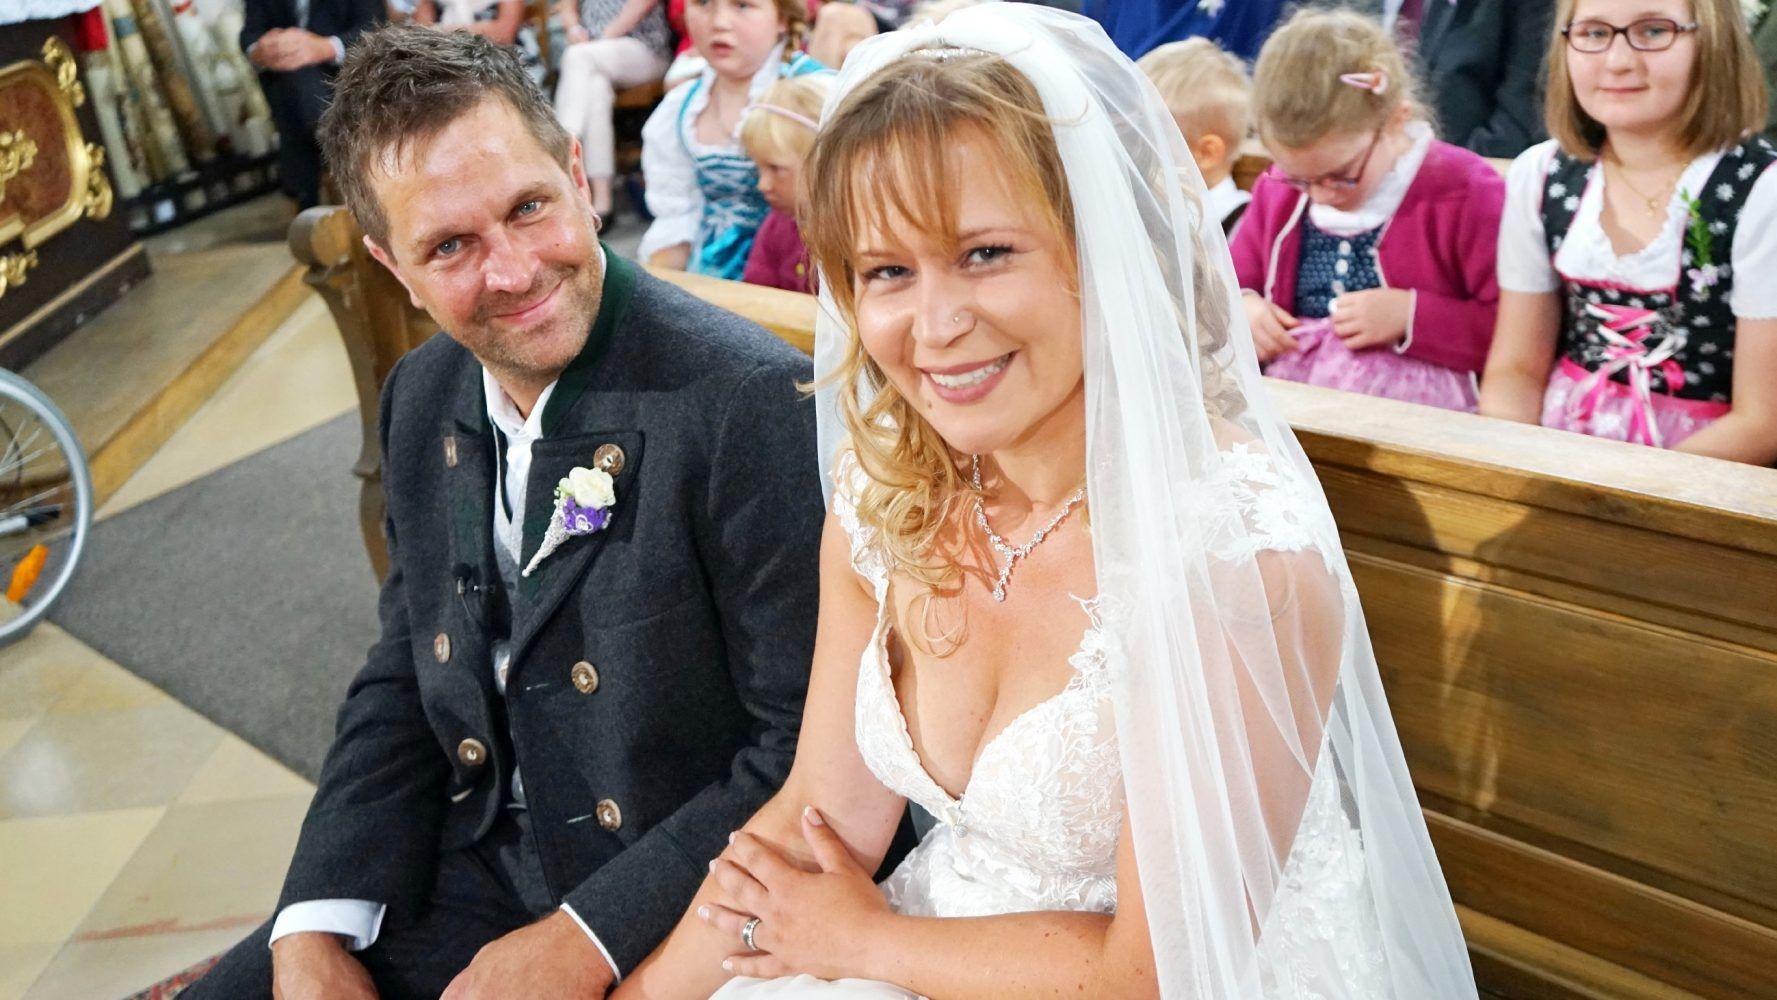 Rtl Kommunikation Aktuell 05 11 11 19 Kleid Hochzeit Frau Hochzeitsglocken